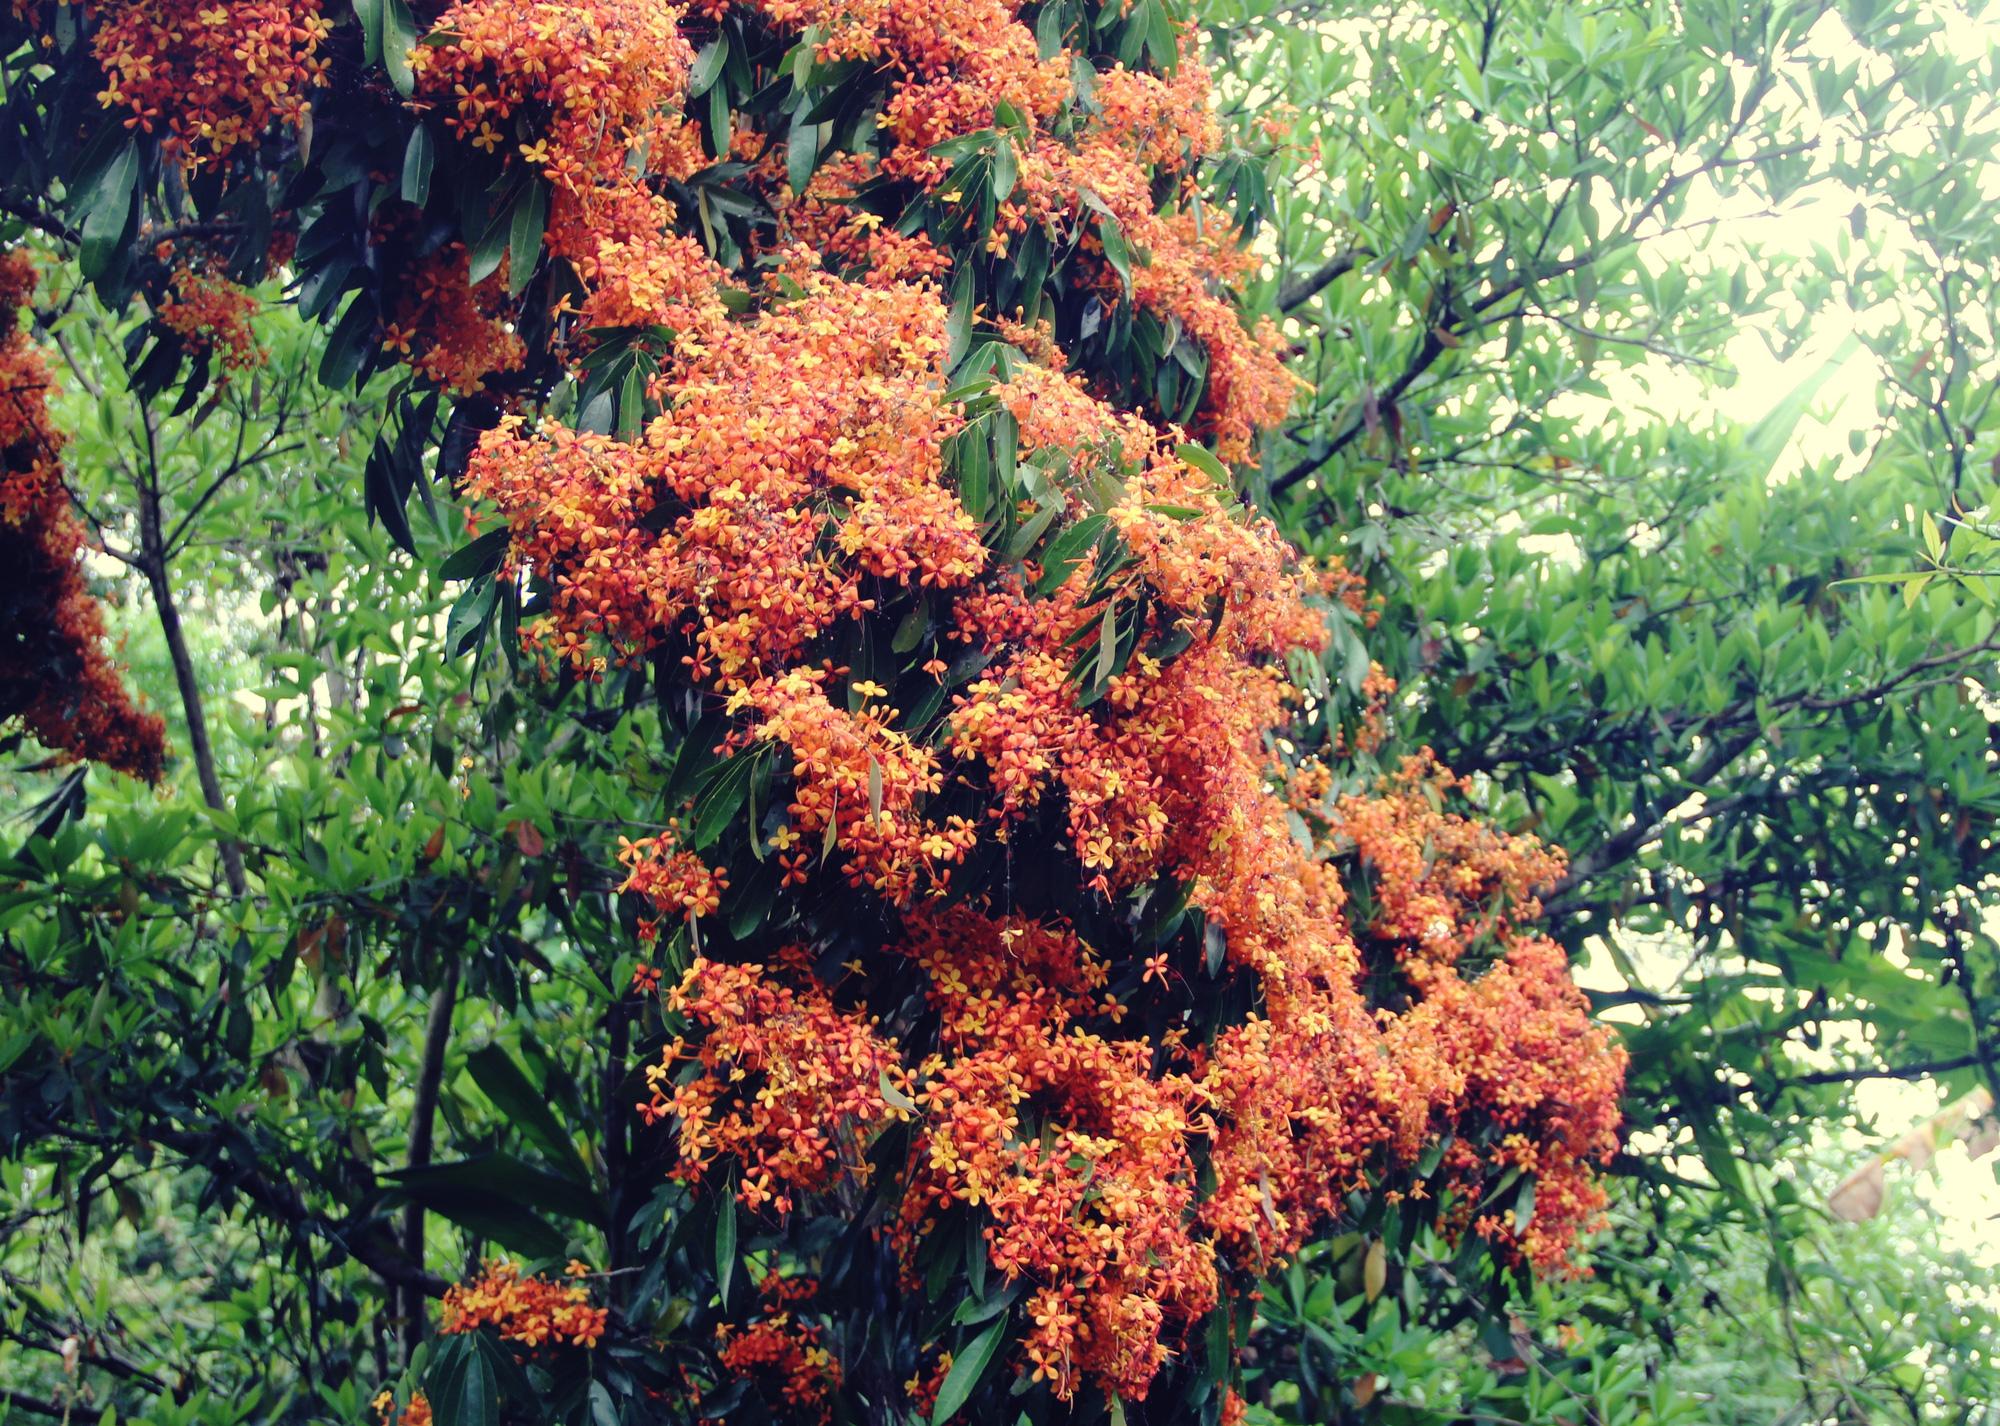 Phú Yên: Đẹp mê mẩn hoa trang rừng cổ thụ bung nở rực rỡ - Ảnh 2.